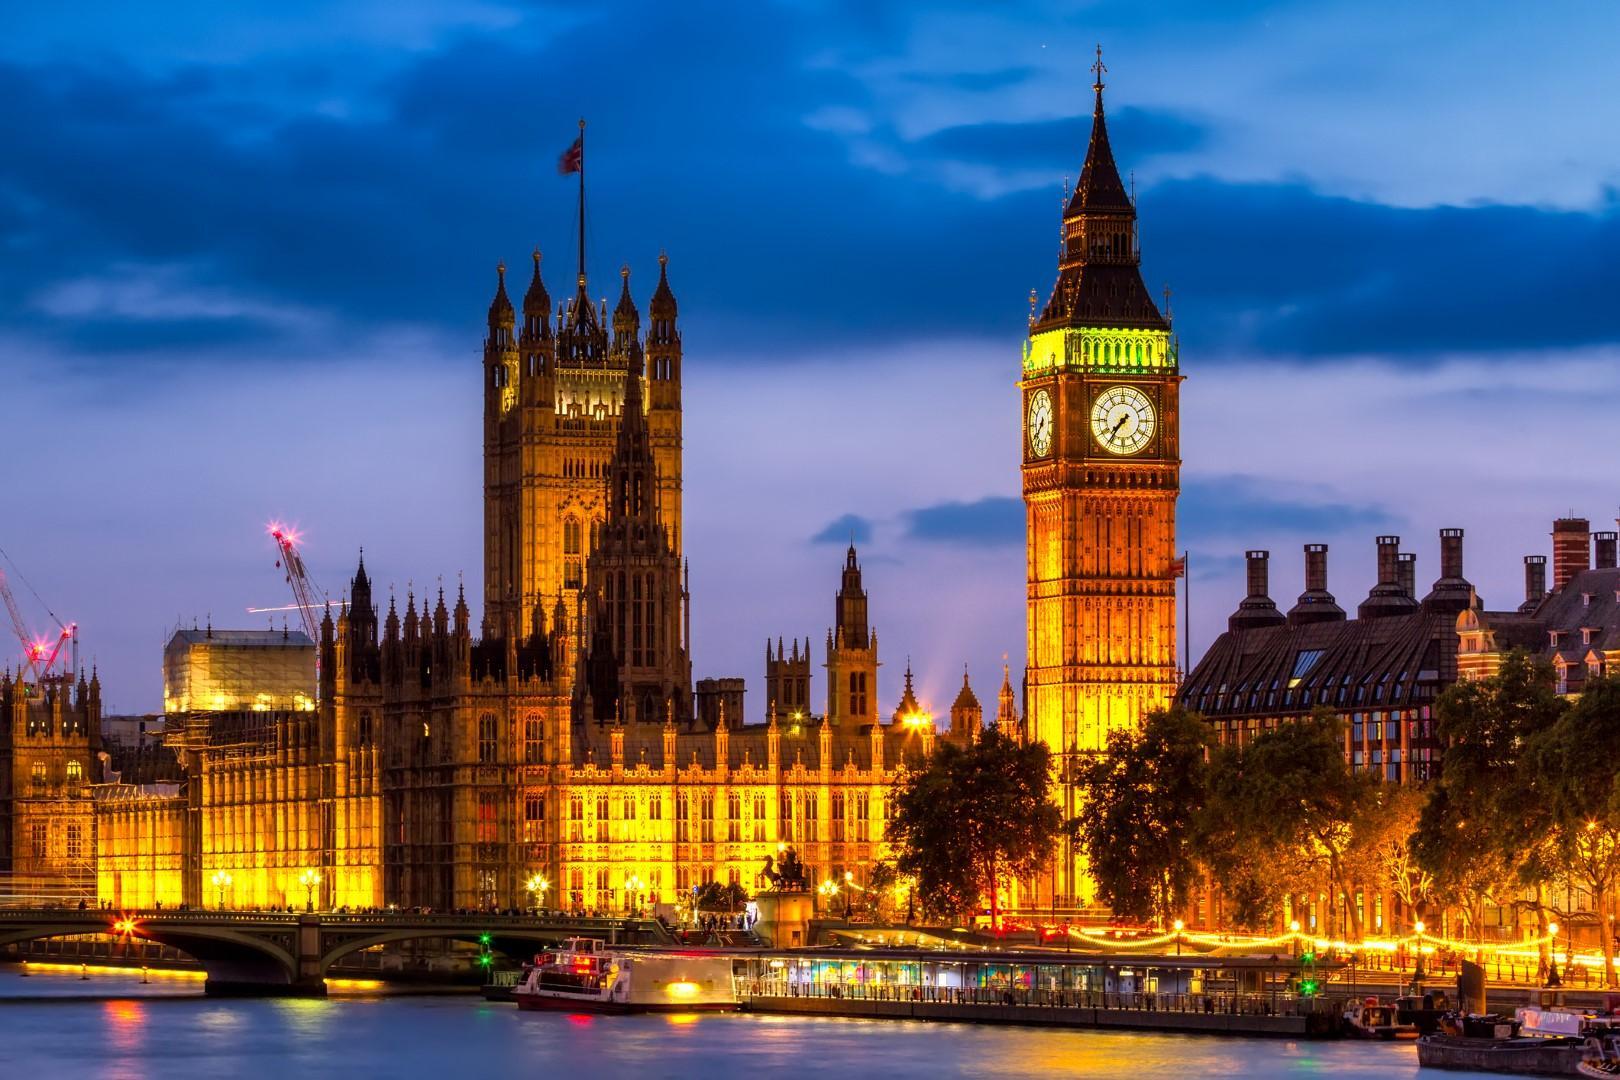 LONDRA tra passato e futuro – 10/13 luglio 2020 – 4gg